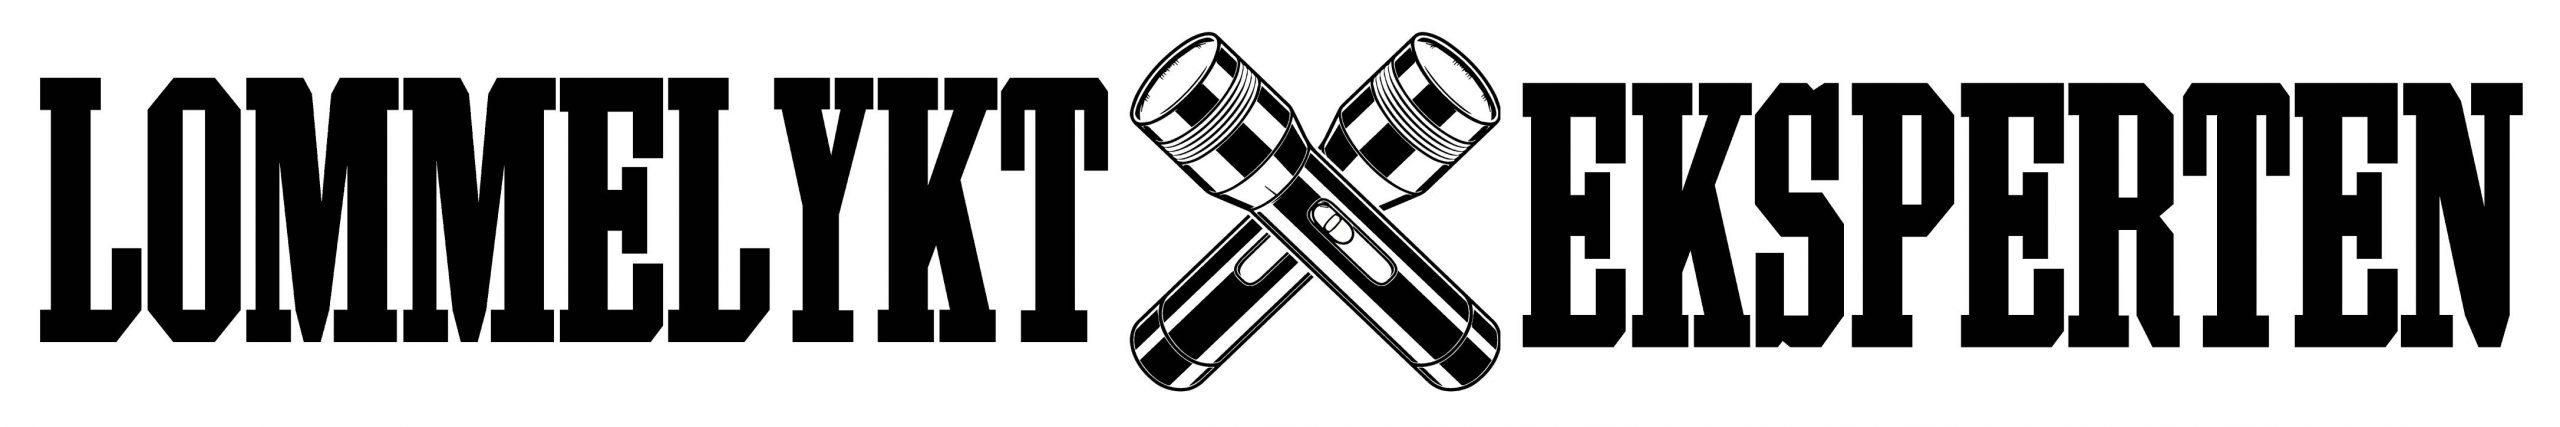 Lommelykt-eksperten logo